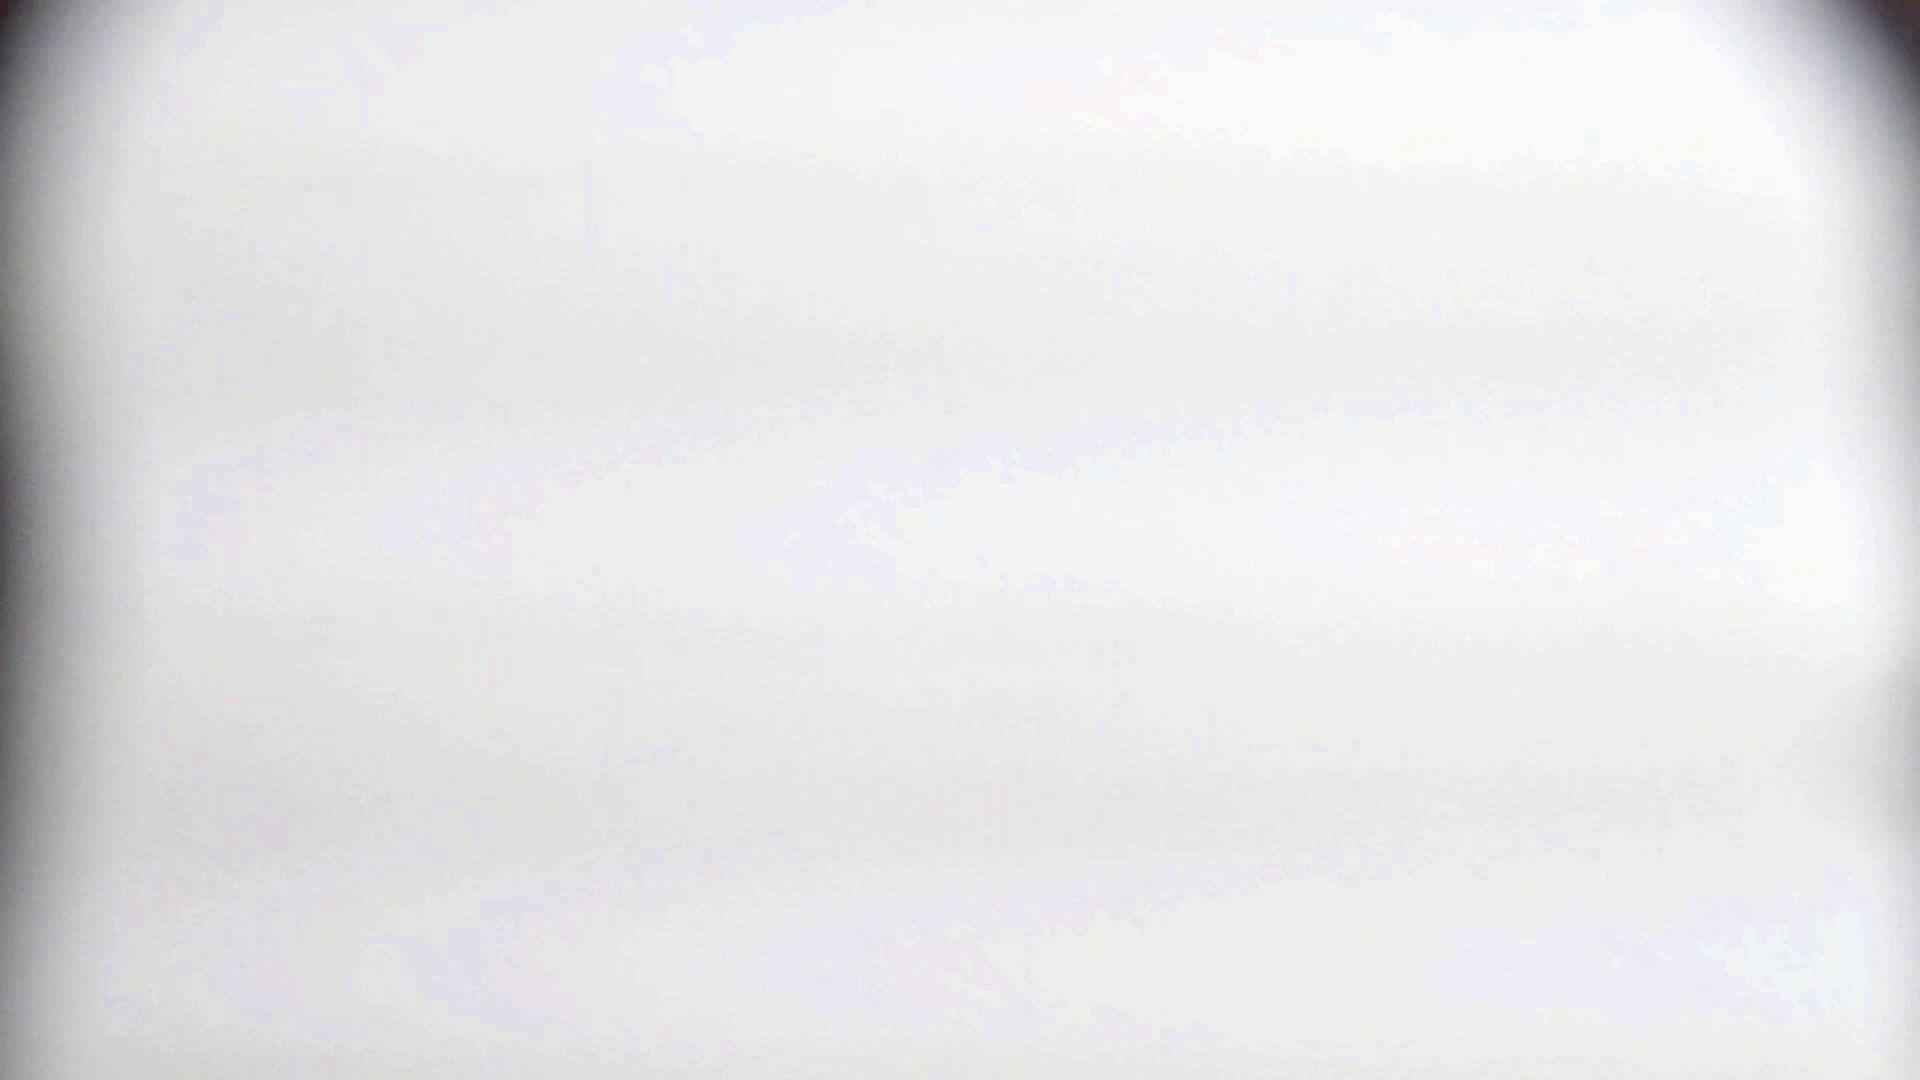 別冊「洗面所突入レポート!!」【閲覧注意!】シート的な物に興味のある方のみ! 美人   0  16連発 10